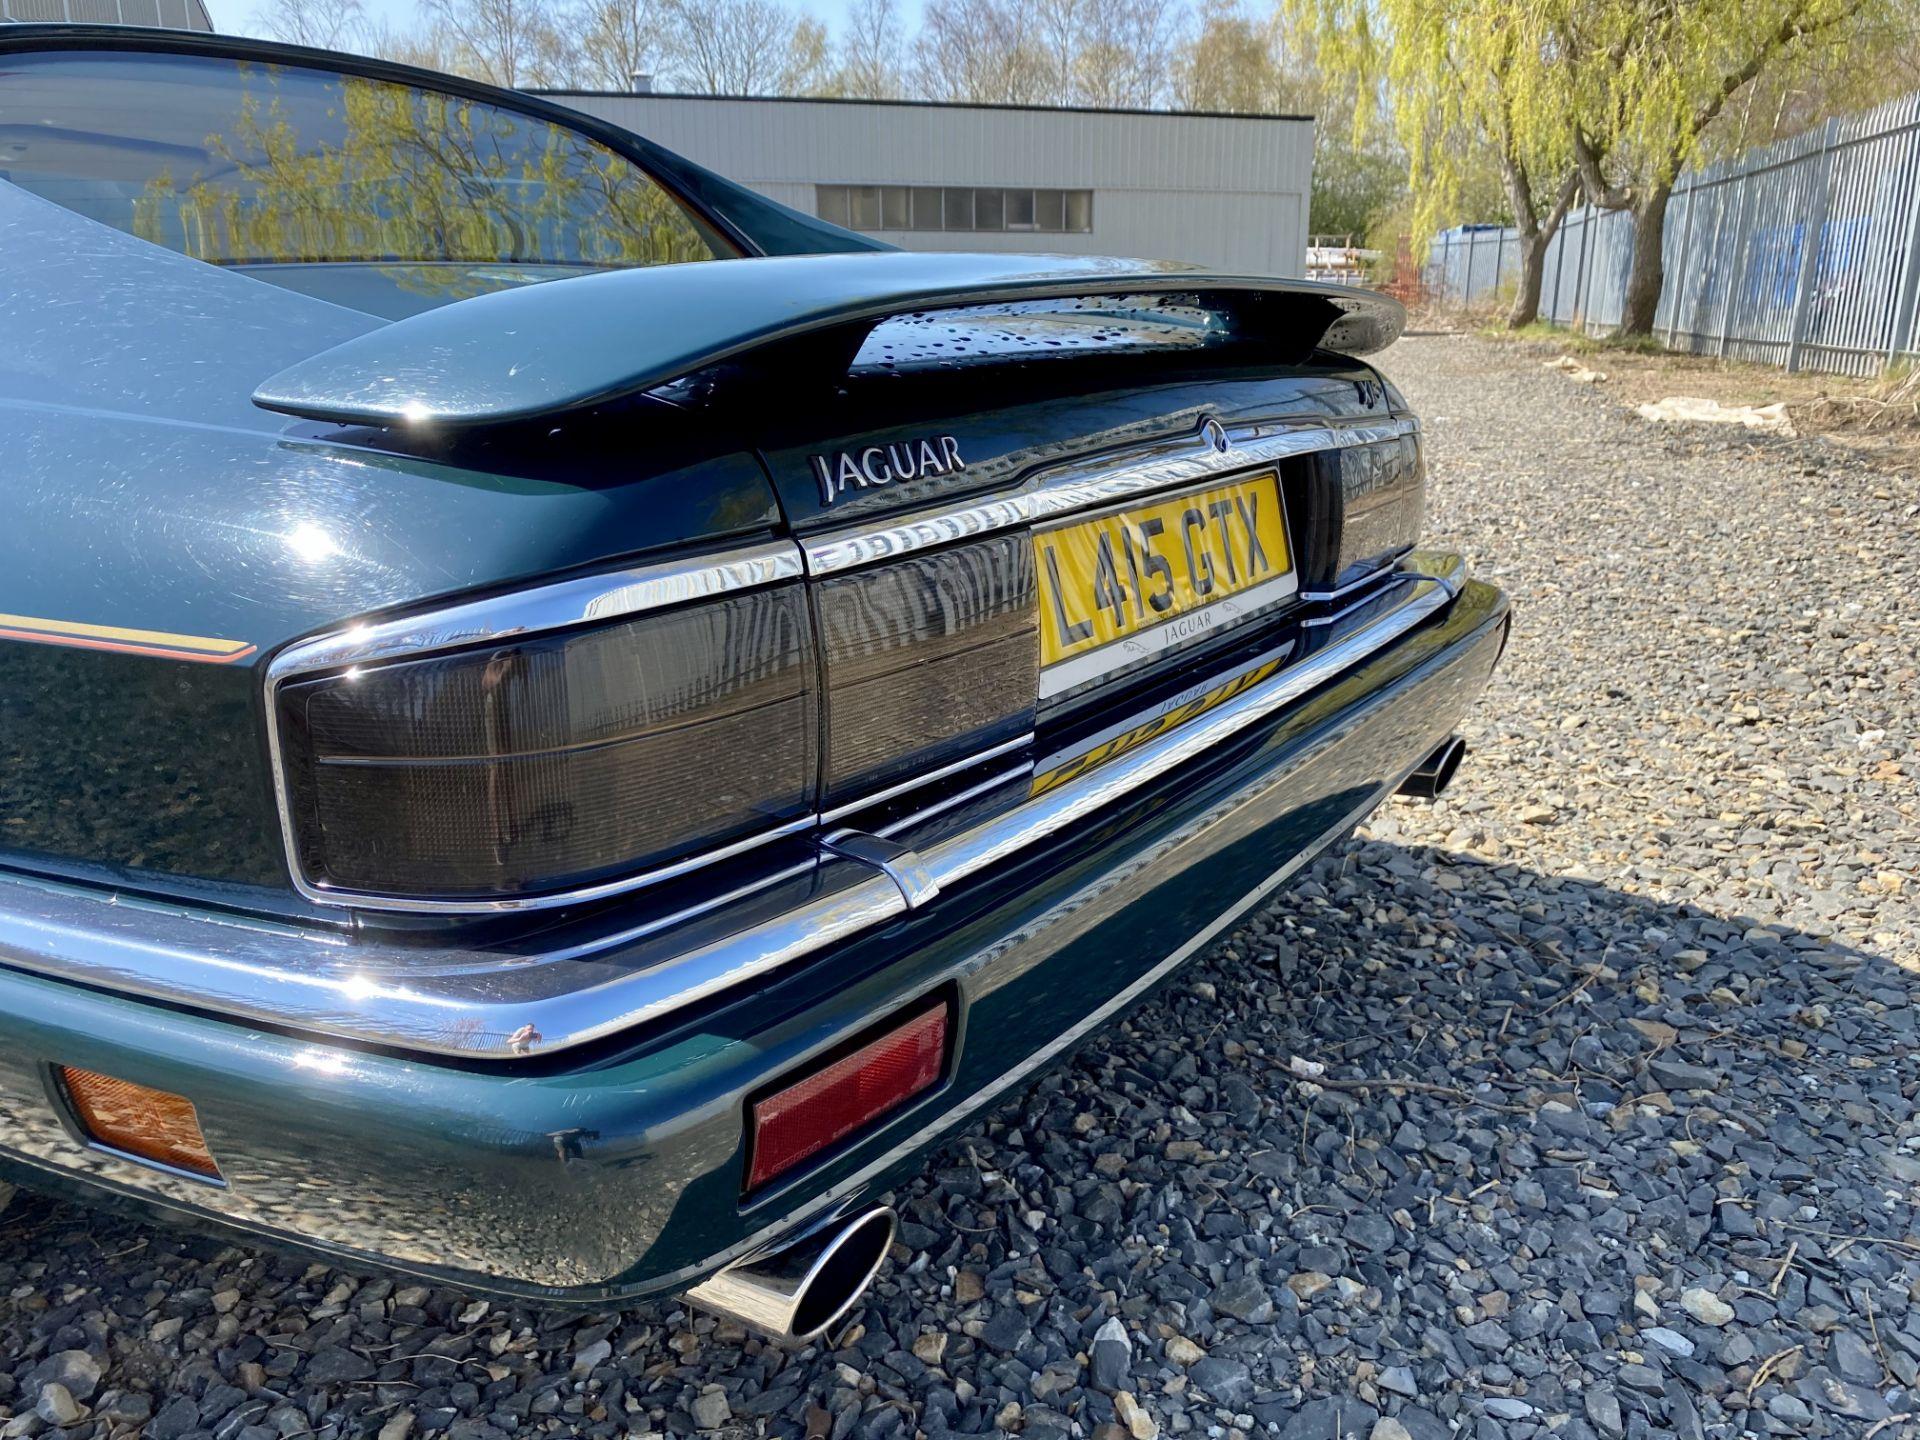 Jaguar XJS coupe - Image 42 of 64